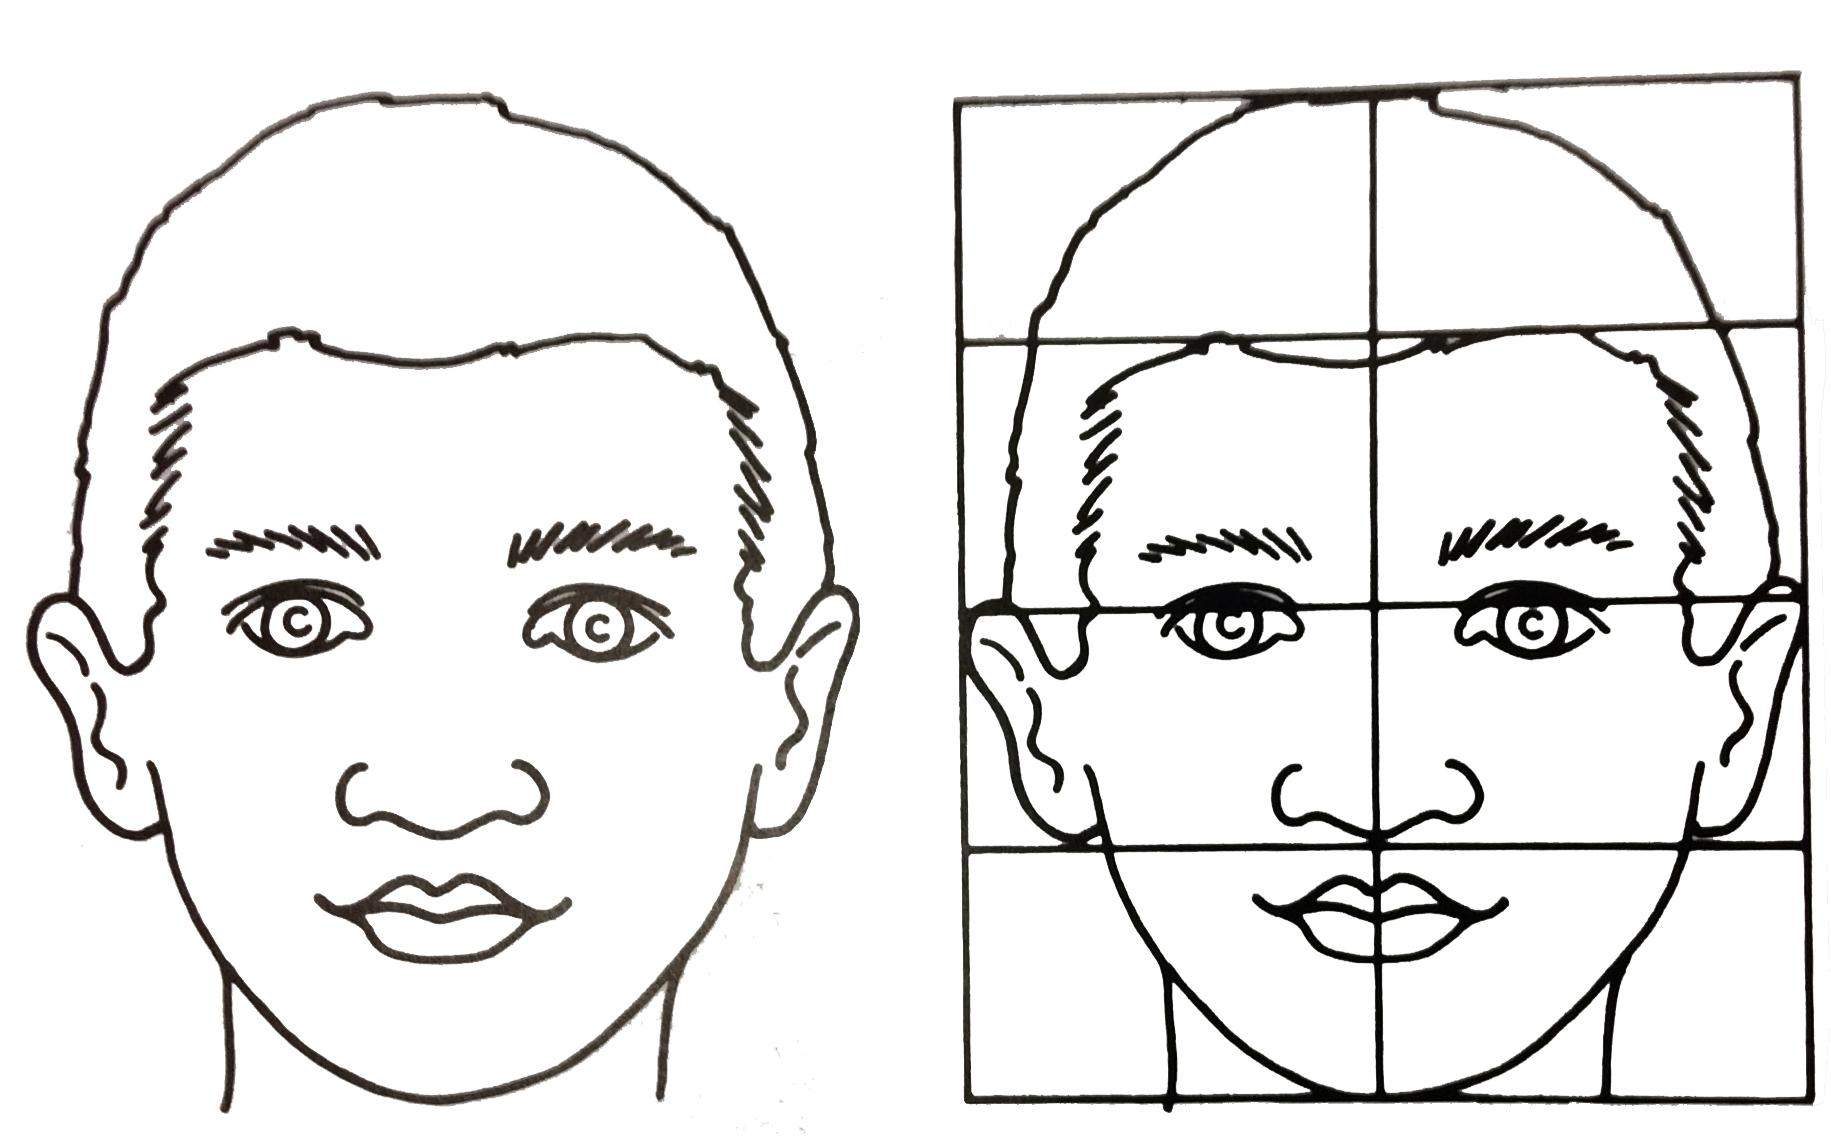 Do You Face